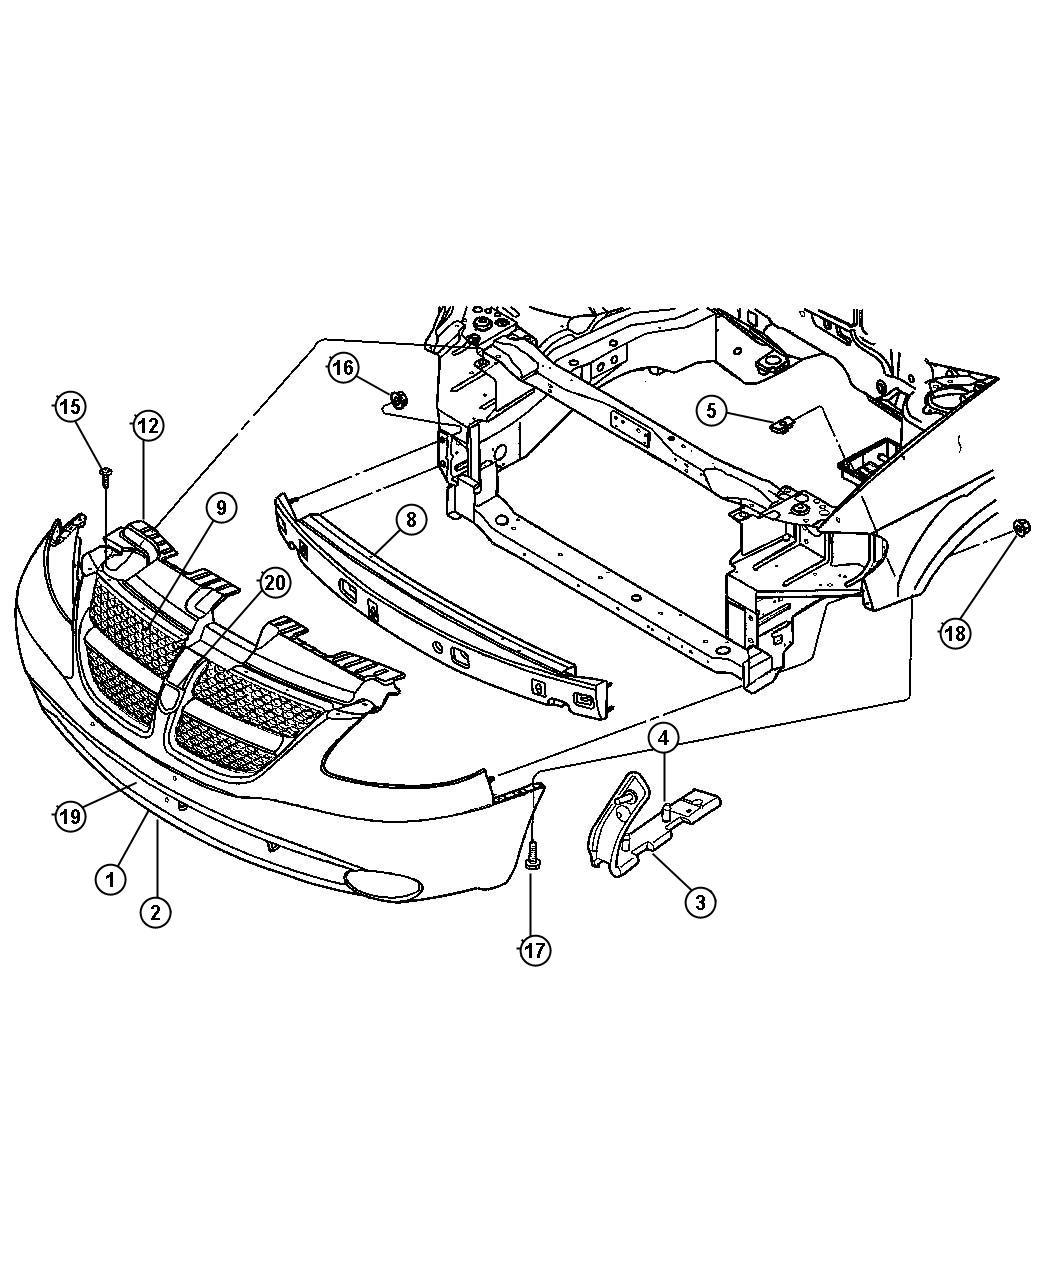 Dodge Grand Caravan Se Fwd 3 3l V6 Smpi 4 Spd Automatic Fascia Front